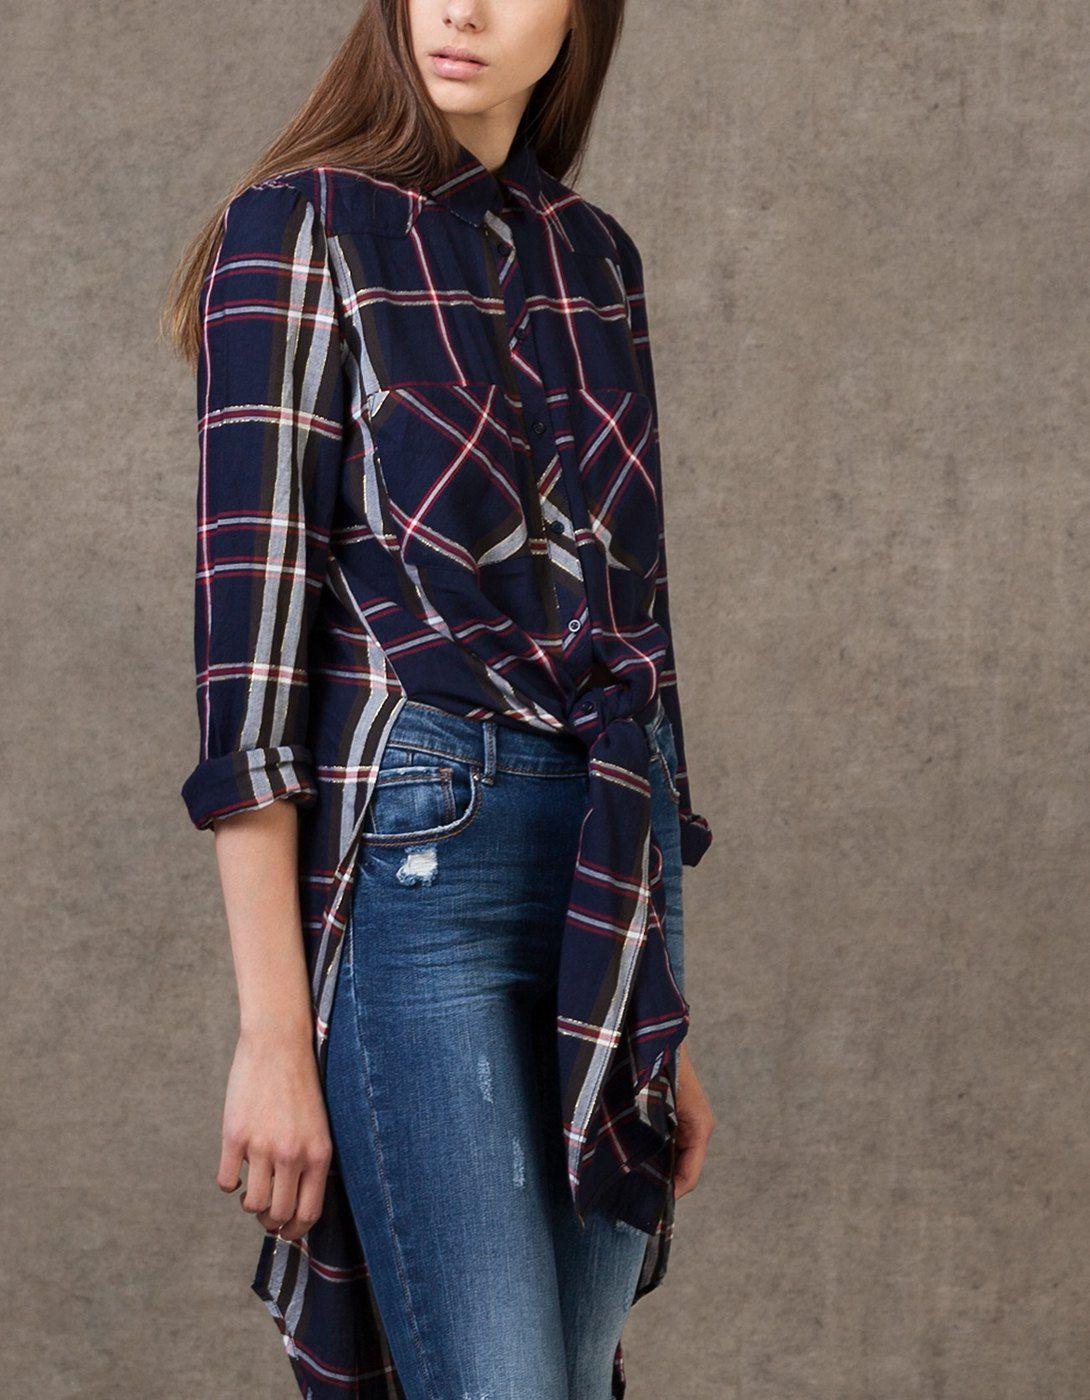 0f941f543b75 Camisa larga de cuadros | Moda | Camisas largas, Camisa de cuadros y ...